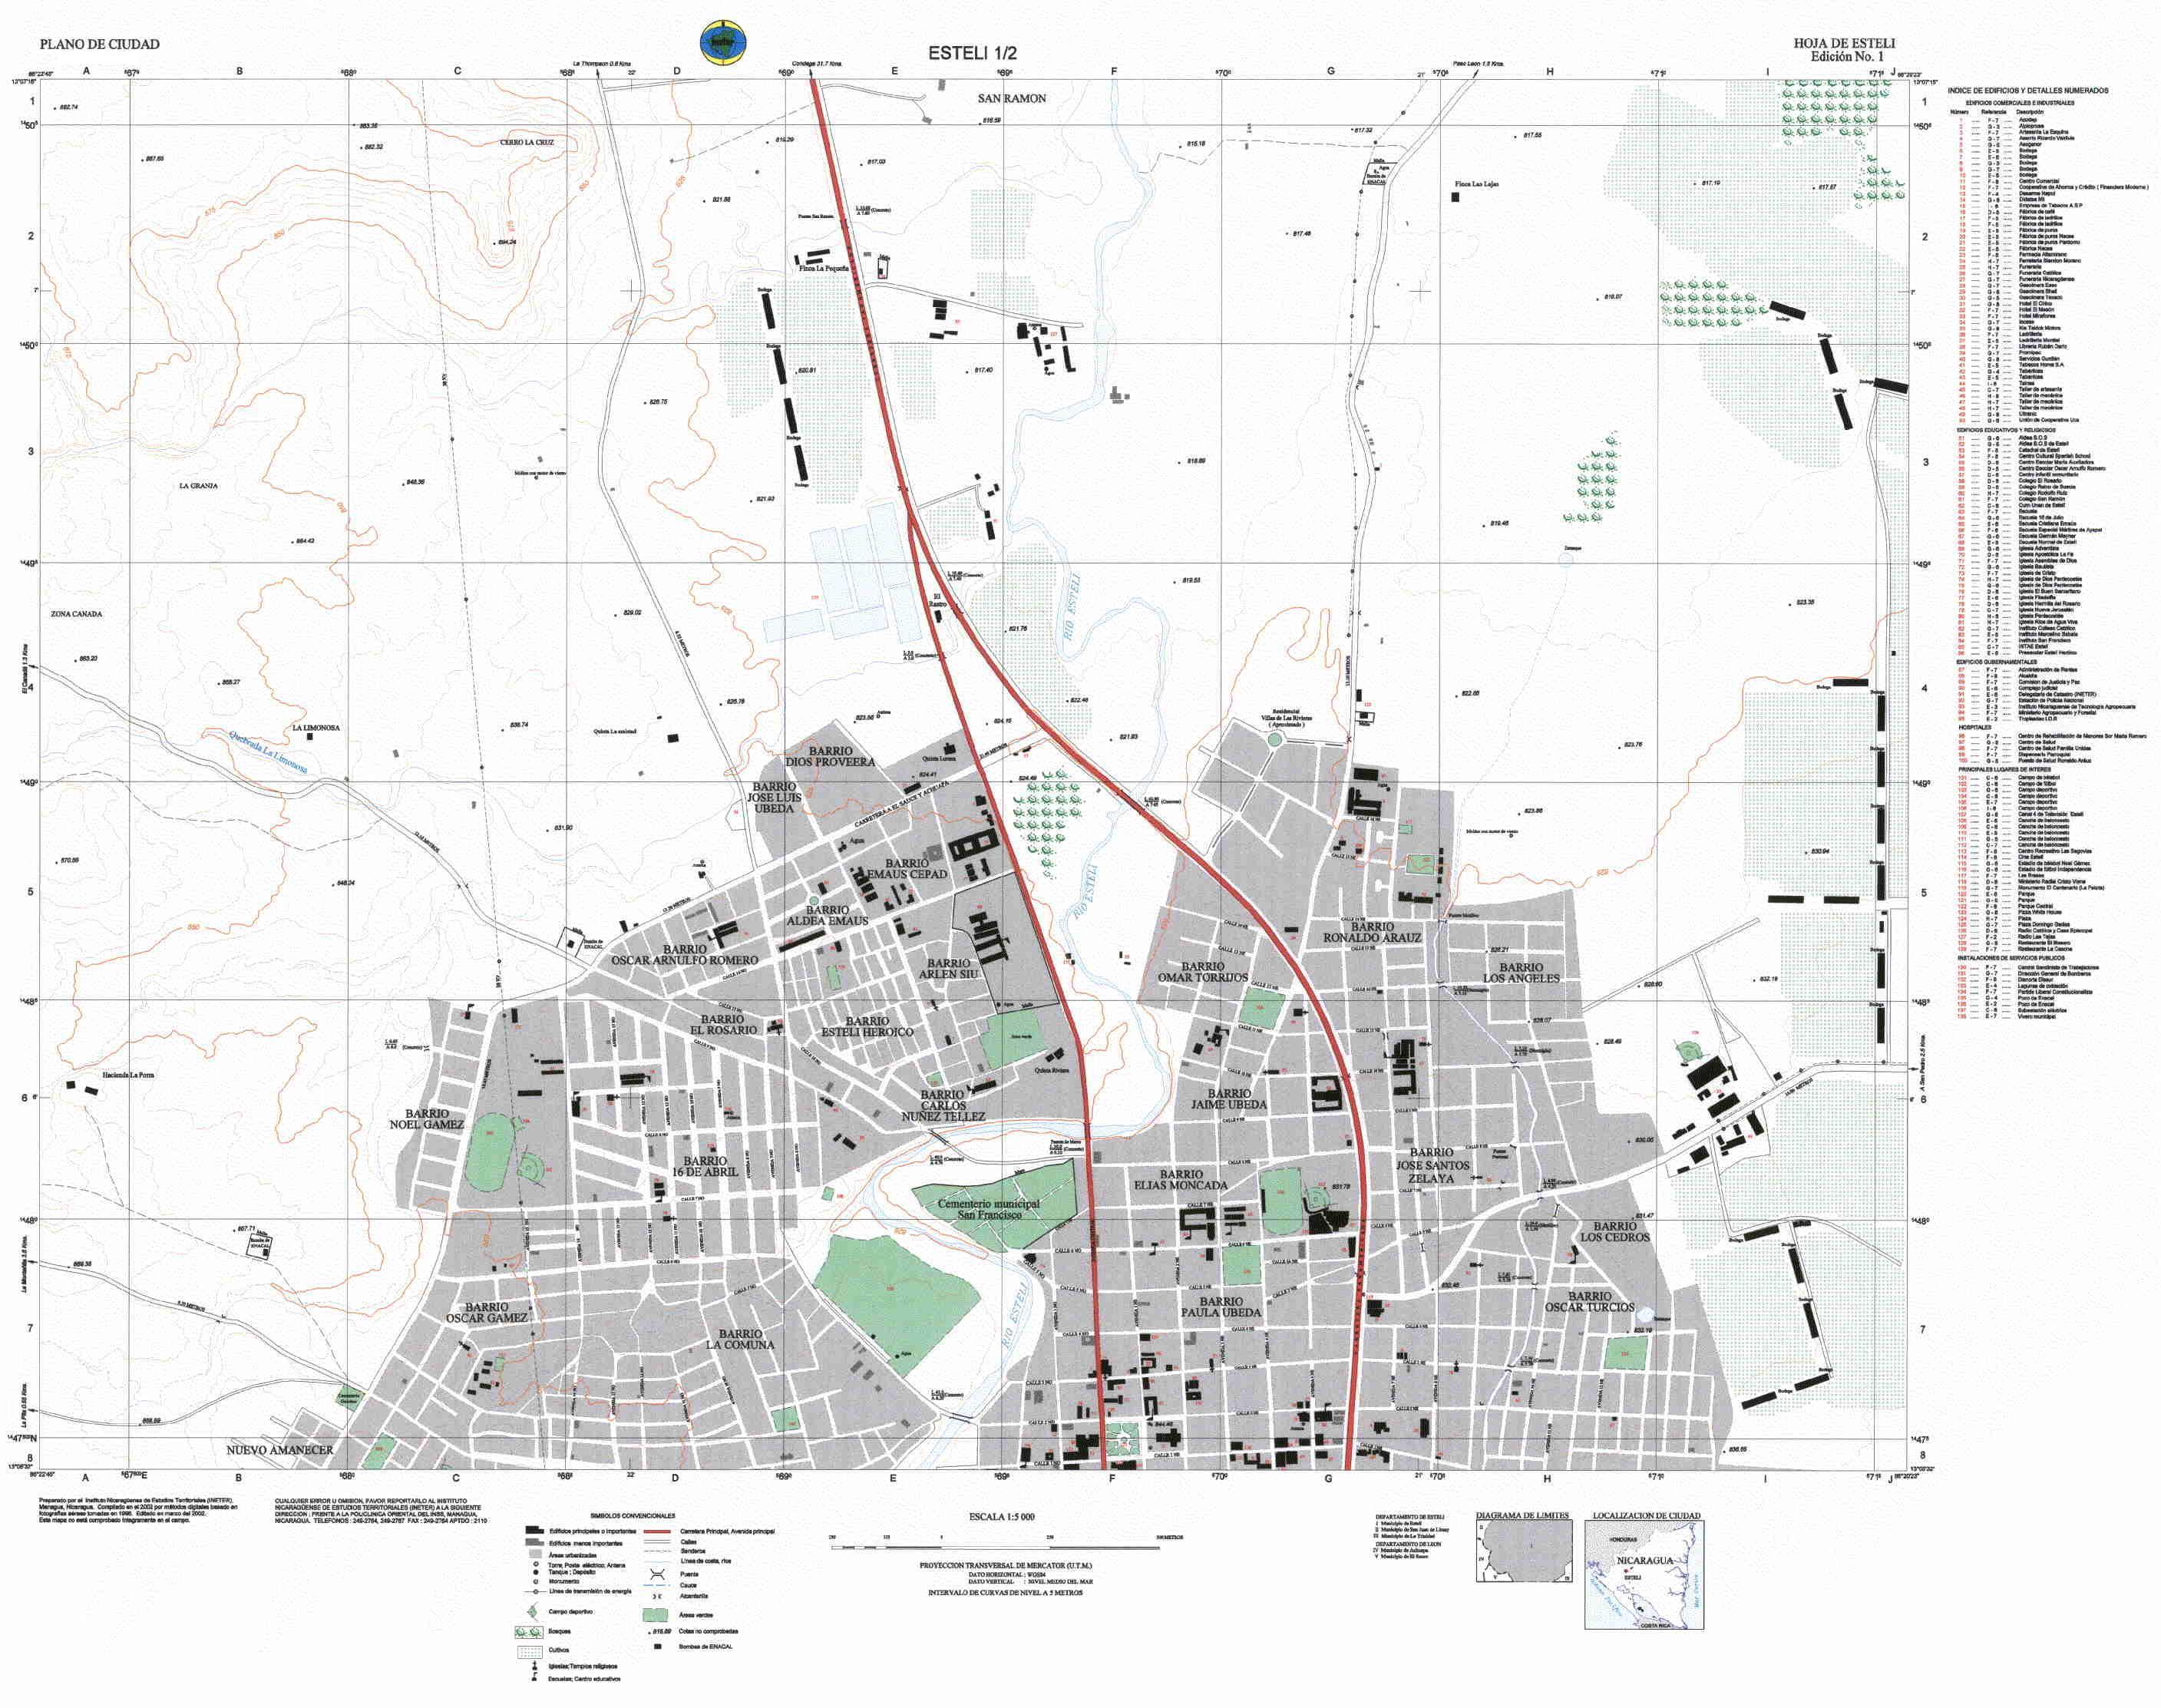 Mapa del Norte de la Ciudad de Esteli, Nicaragua